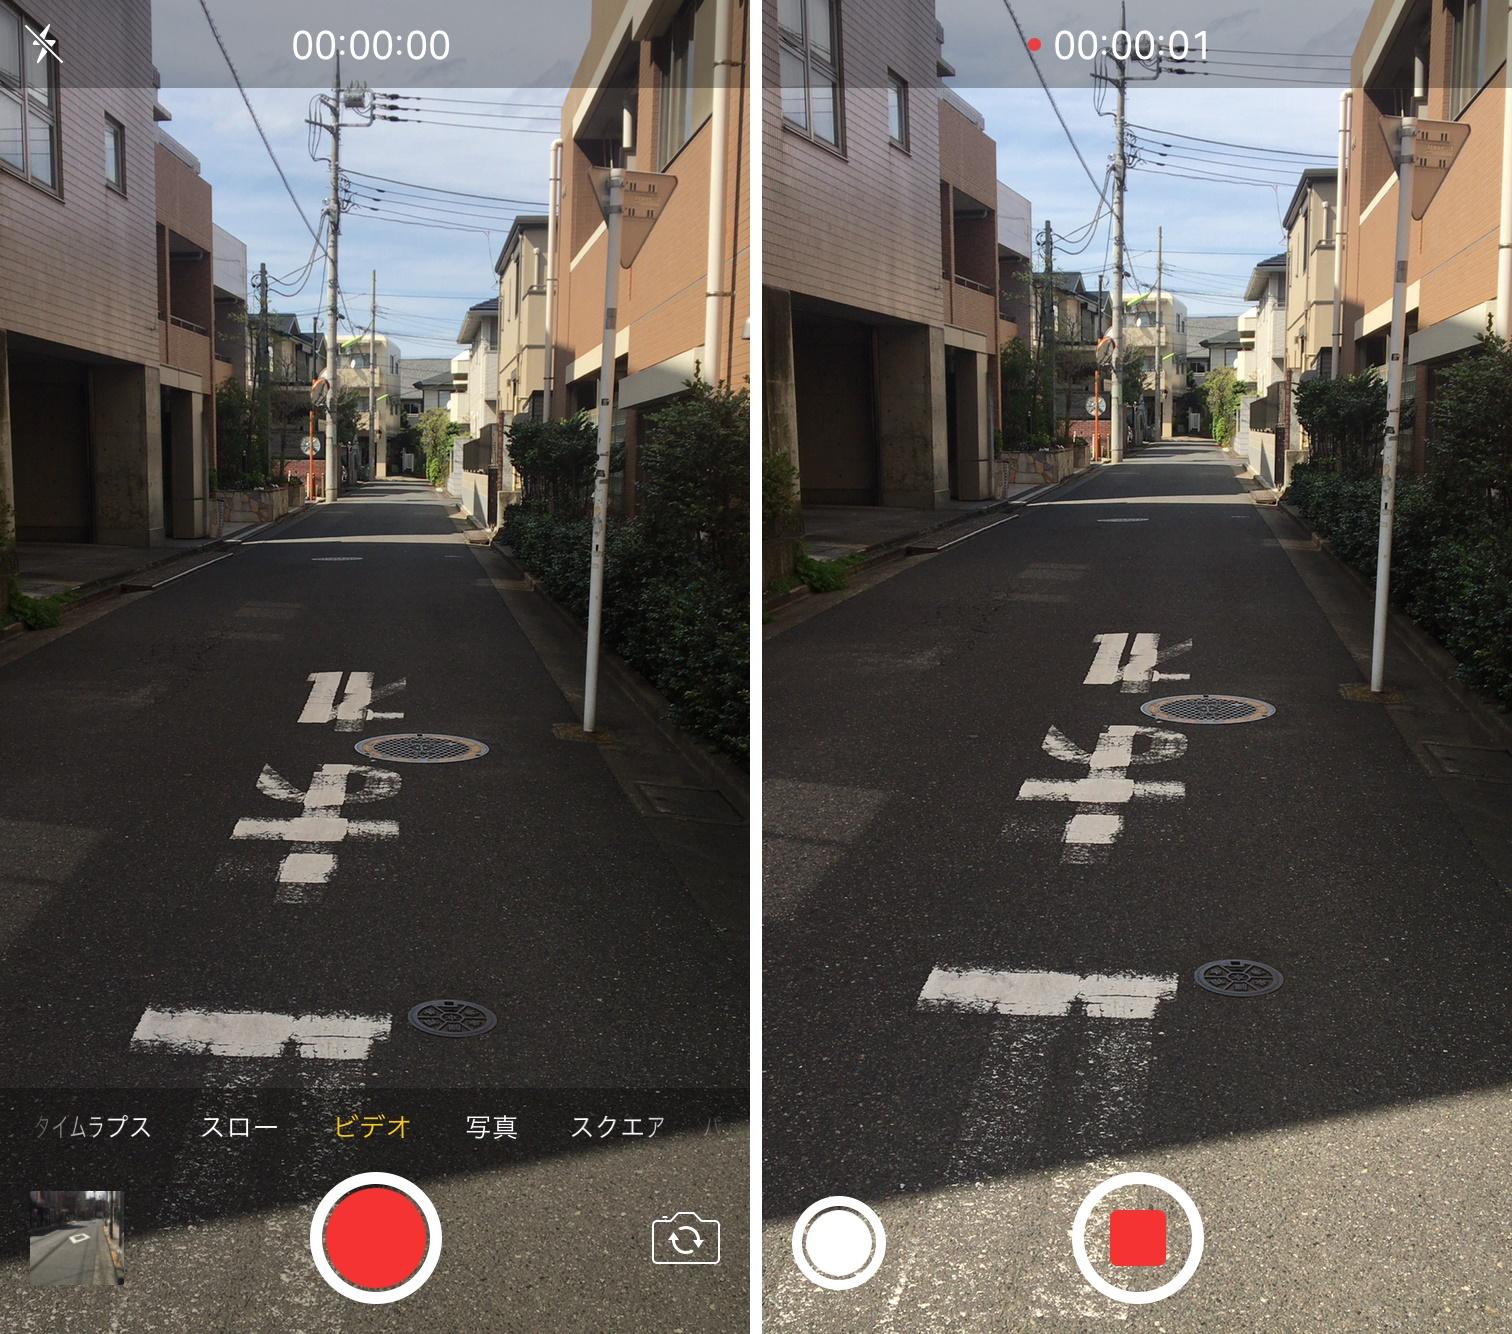 【画面録画】iPhoneの画面を動画で撮影できるよう …